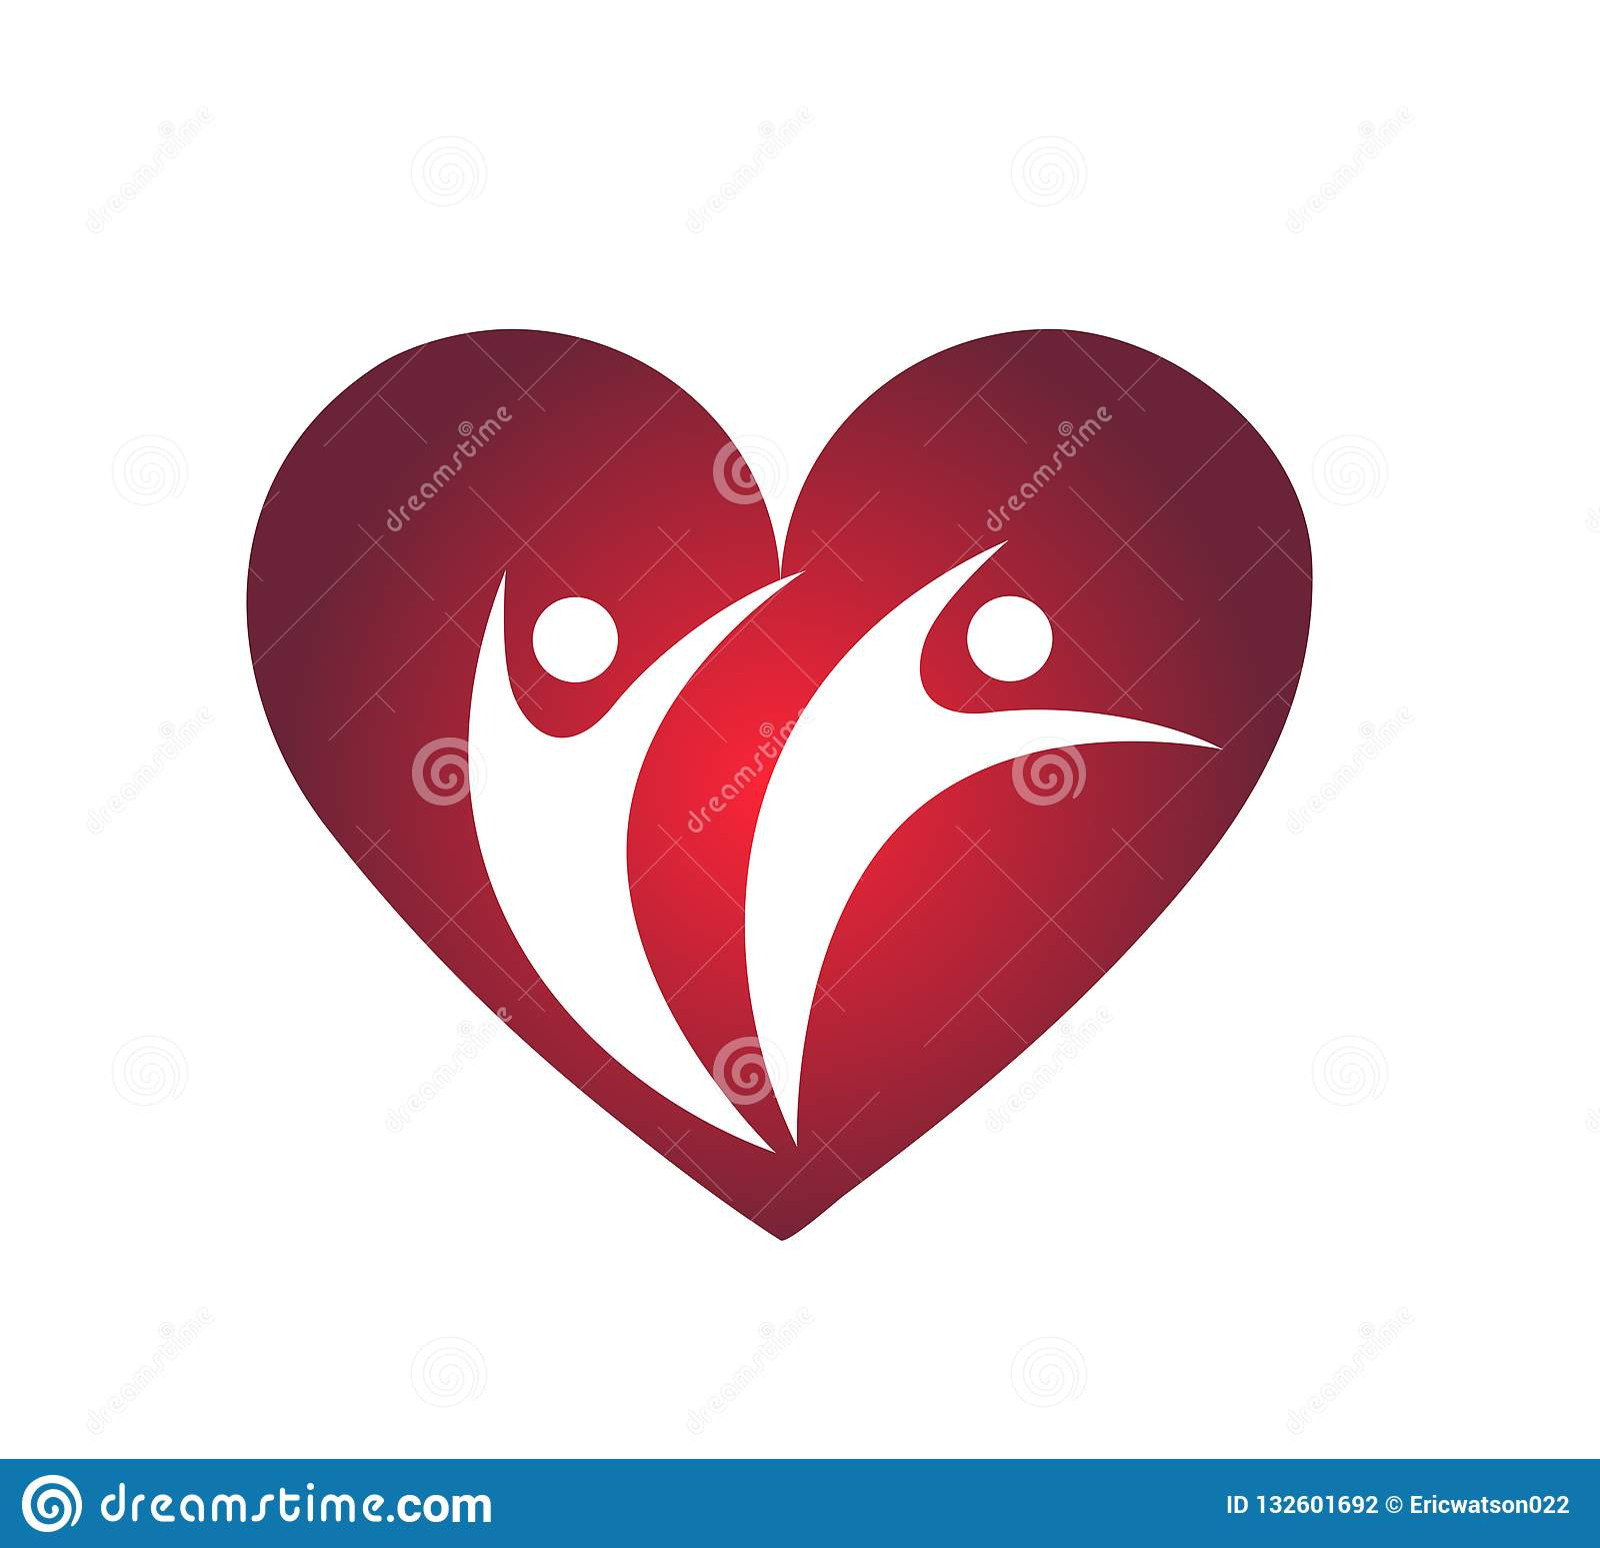 Οικογενειακή αγάπη με το κόκκινο σημάδι στοιχείων εικονιδίων λογότυπων έννοιας επιχείρησης καρδιών στο άσπρο υπόβαθρο